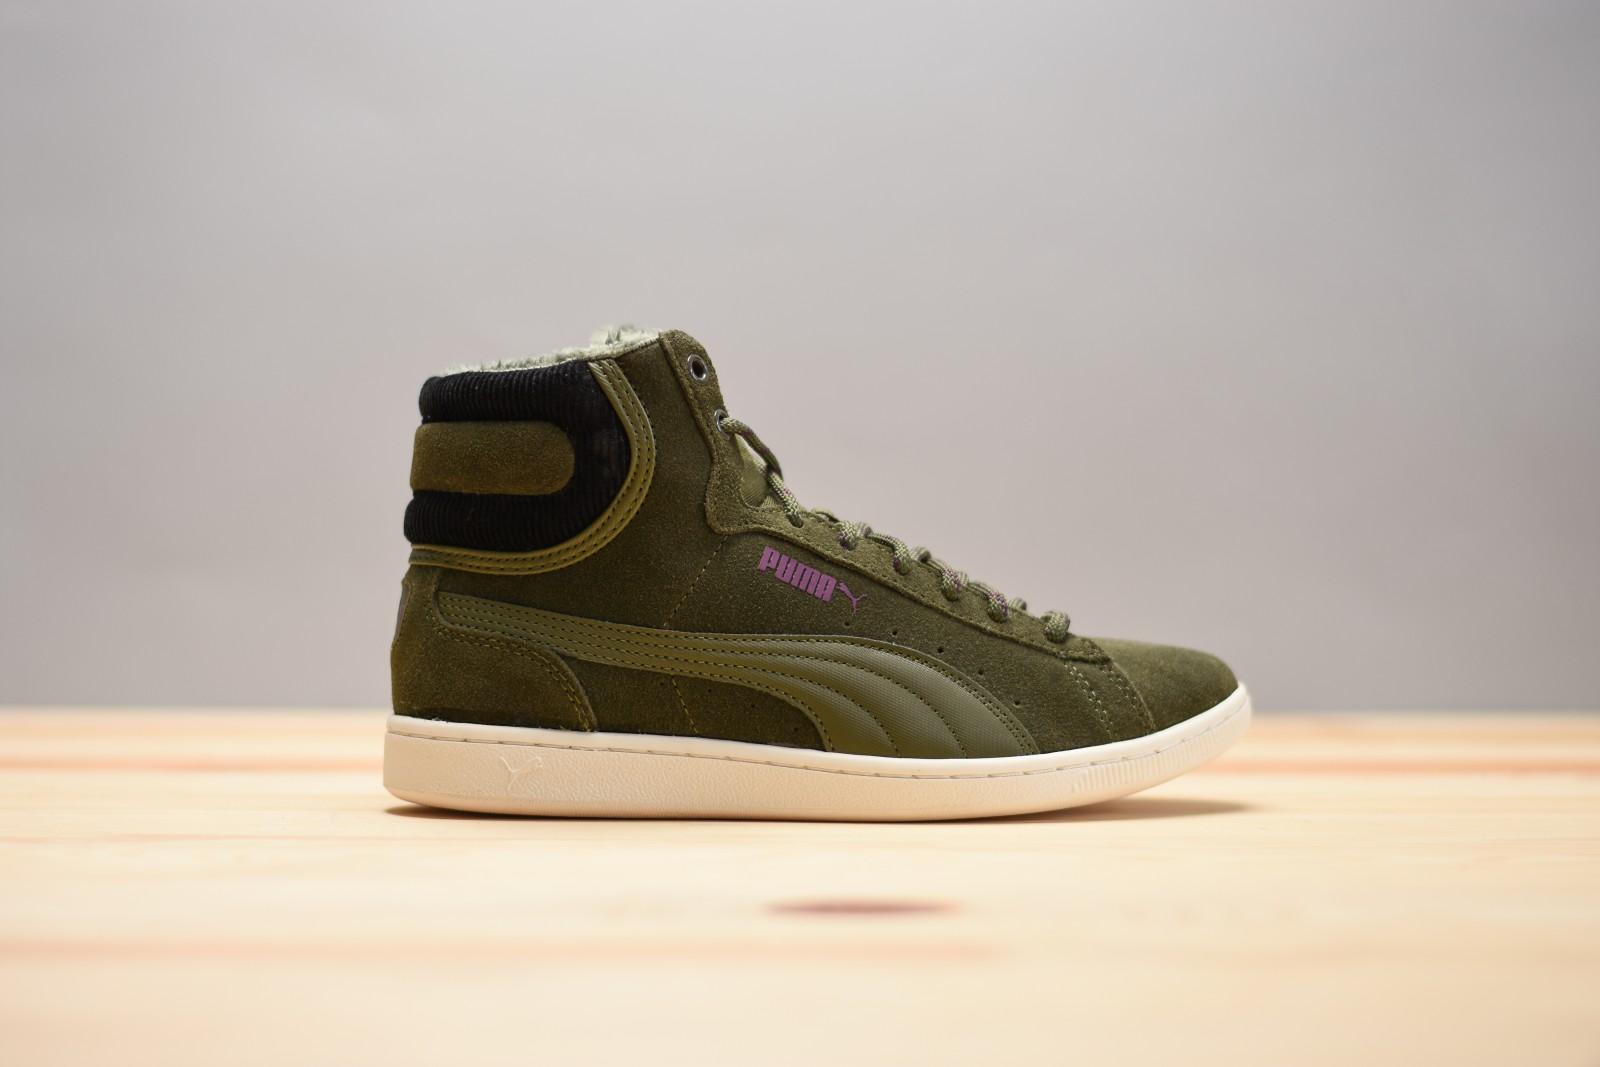 Dámské zimní boty Puma Vikky Mid Corduroy Olive  b78b8528dfe